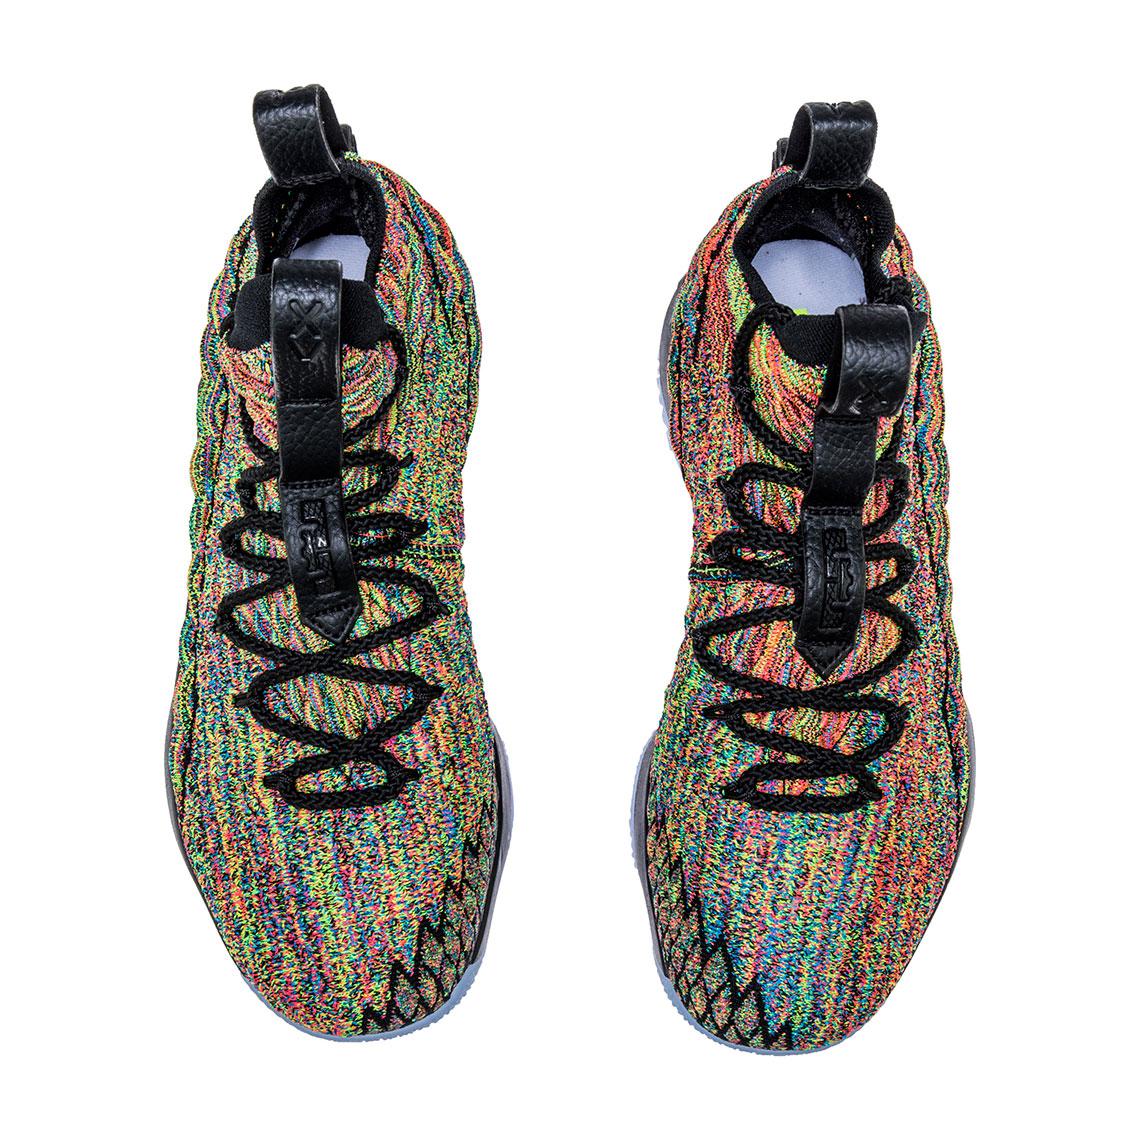 4c660887903c7d Nike LeBron 15 Multi-Color Black Fruity Pebbles 897648-901